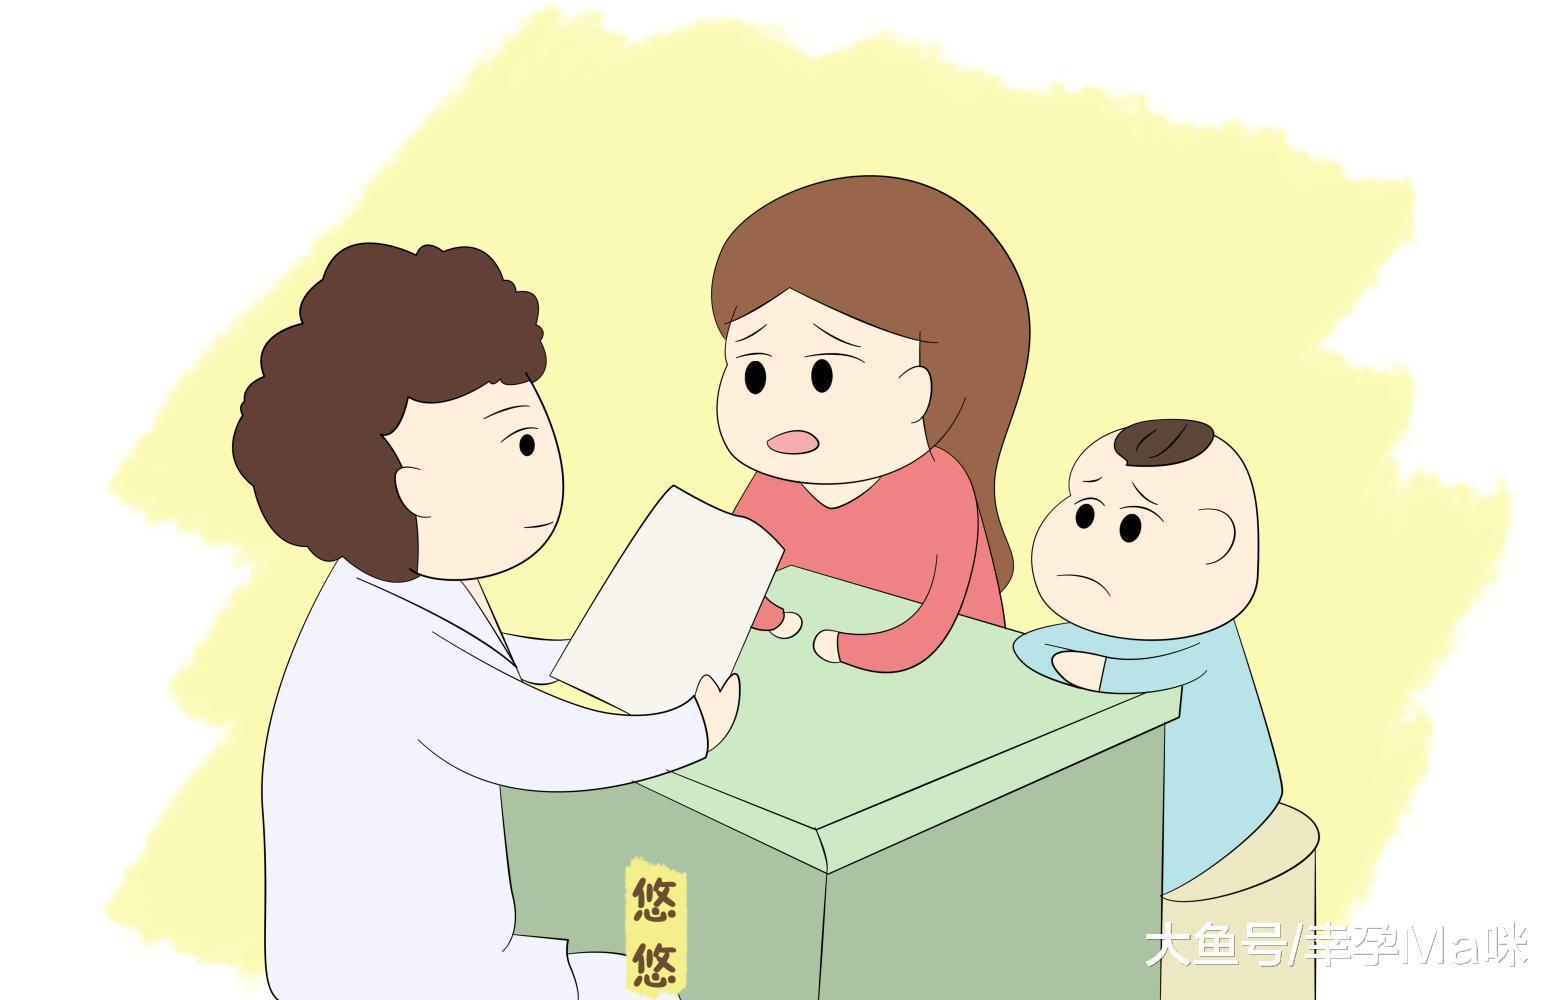 宝宝易生病, 受脾胃虚弱影响大, 宝妈还要早心中有数